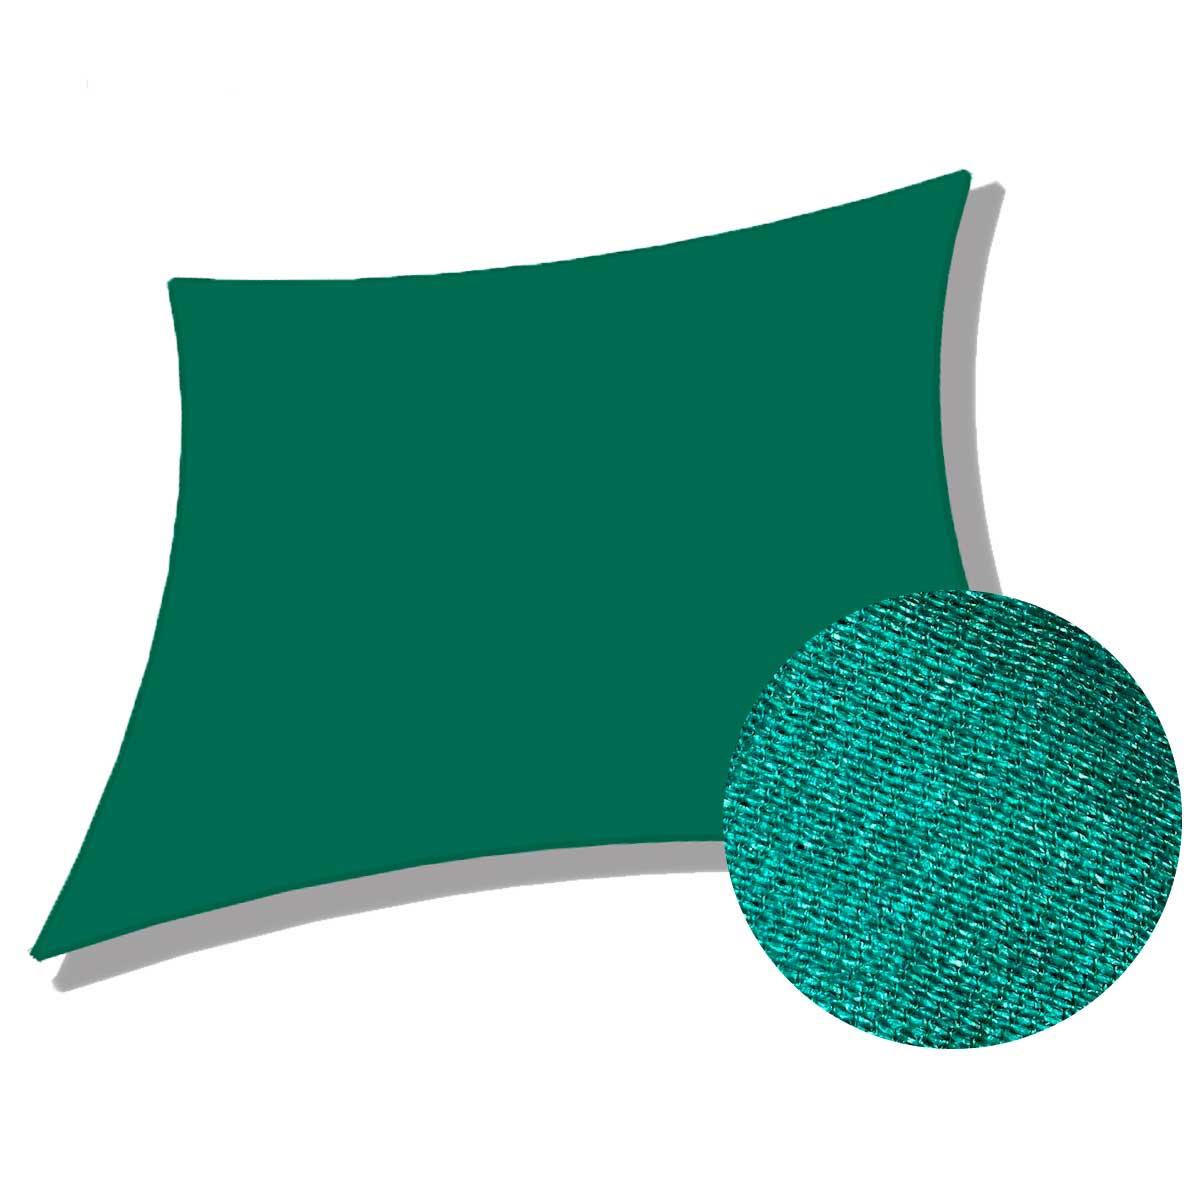 Tela Decorativa Sombrite Verde Sem Acabamento 4x3m